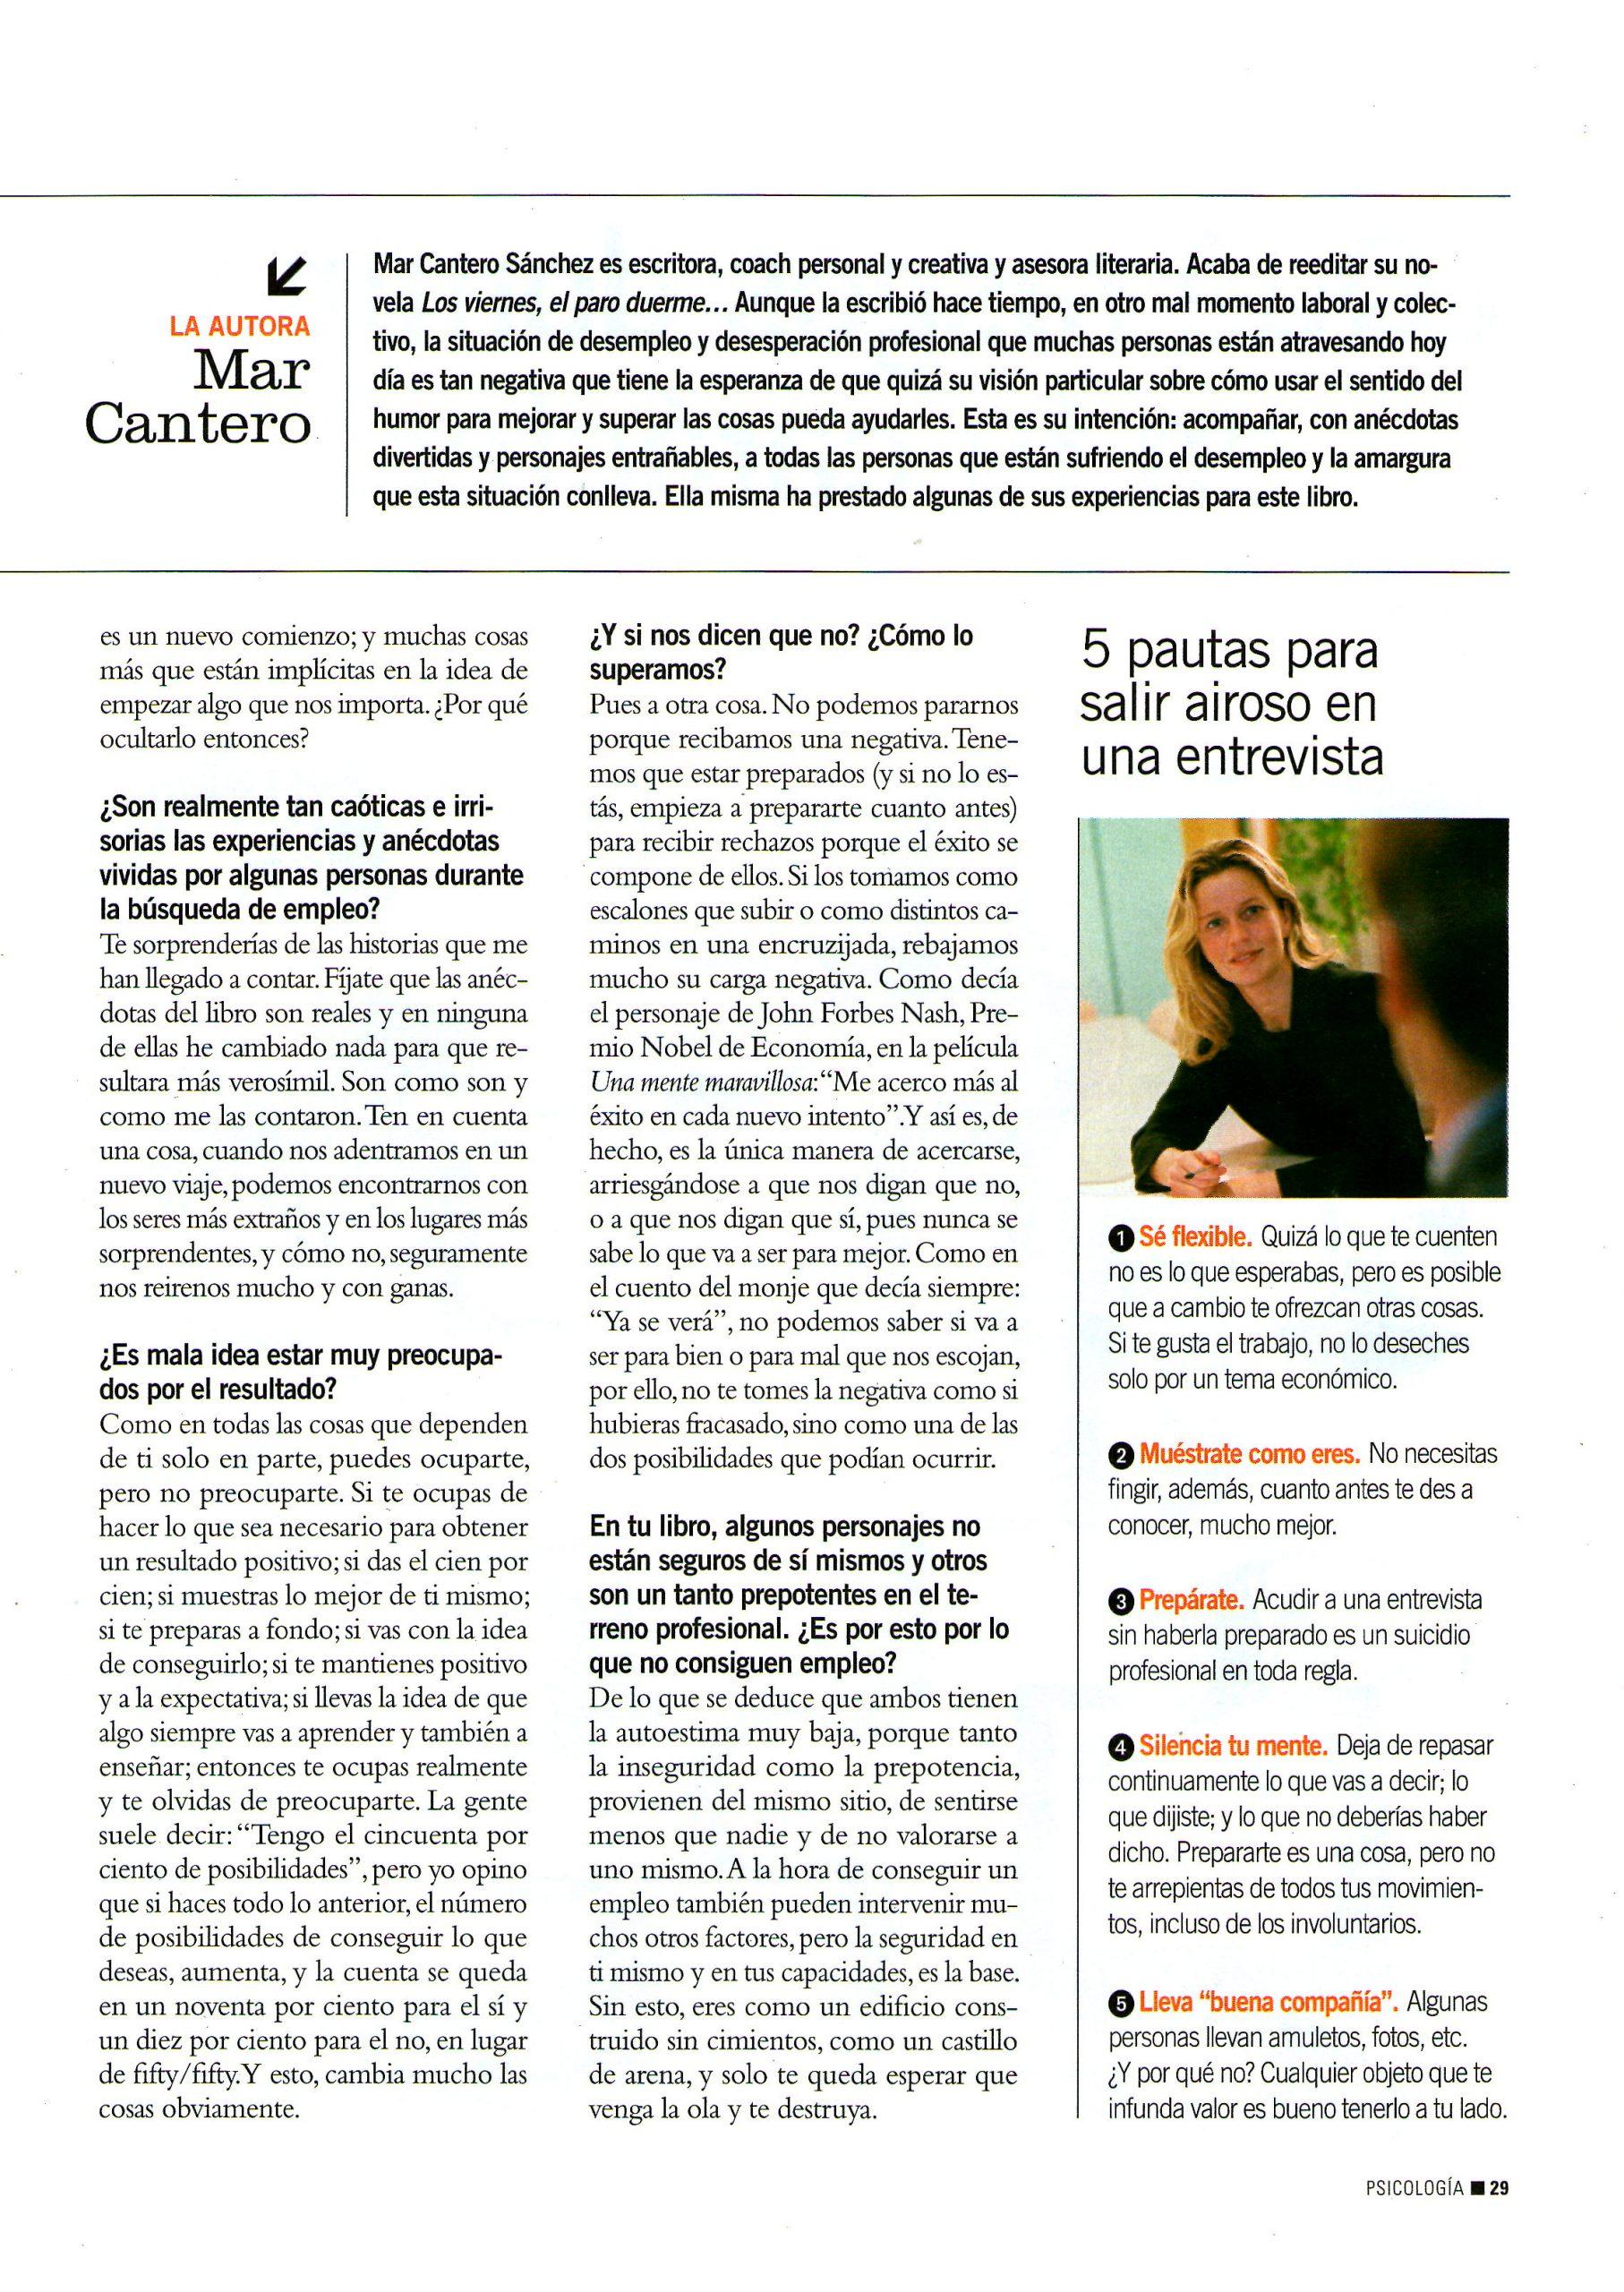 STOP-AL-MANIPULADOR-pag-4-PSICOLOGÍA-PRÁCTICA-3-2008-Mar-Cantero-Sánchez